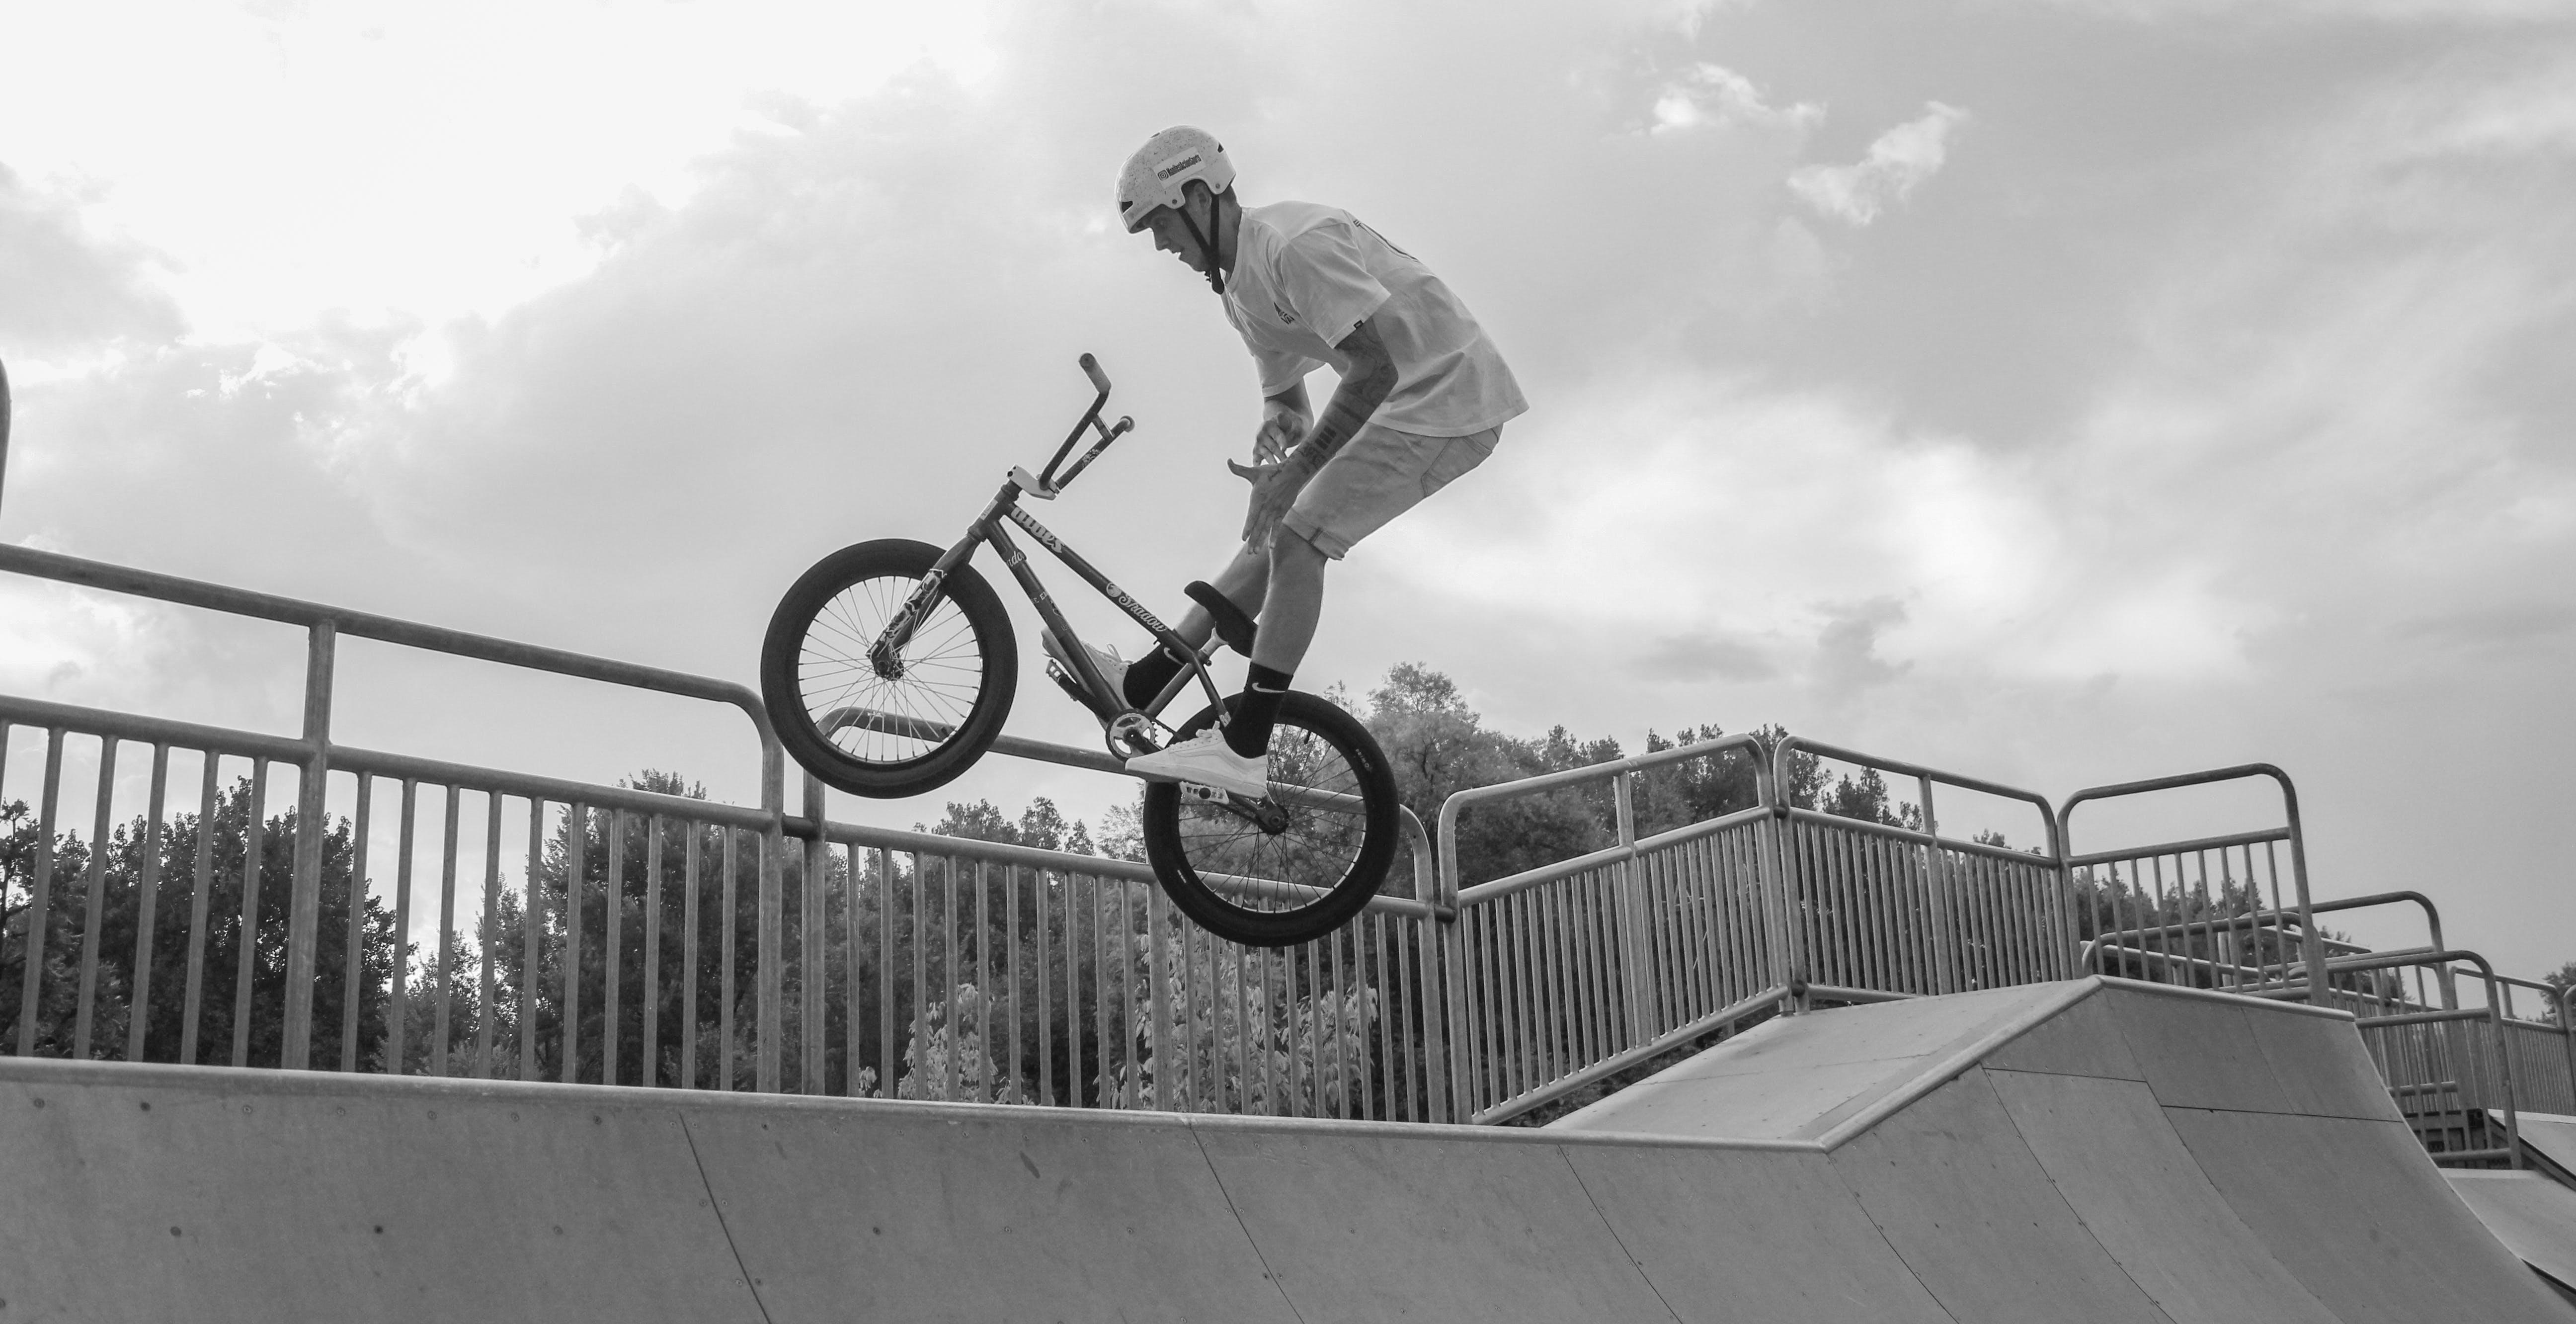 Man Performing Bmx Bike Tricks on Ramp